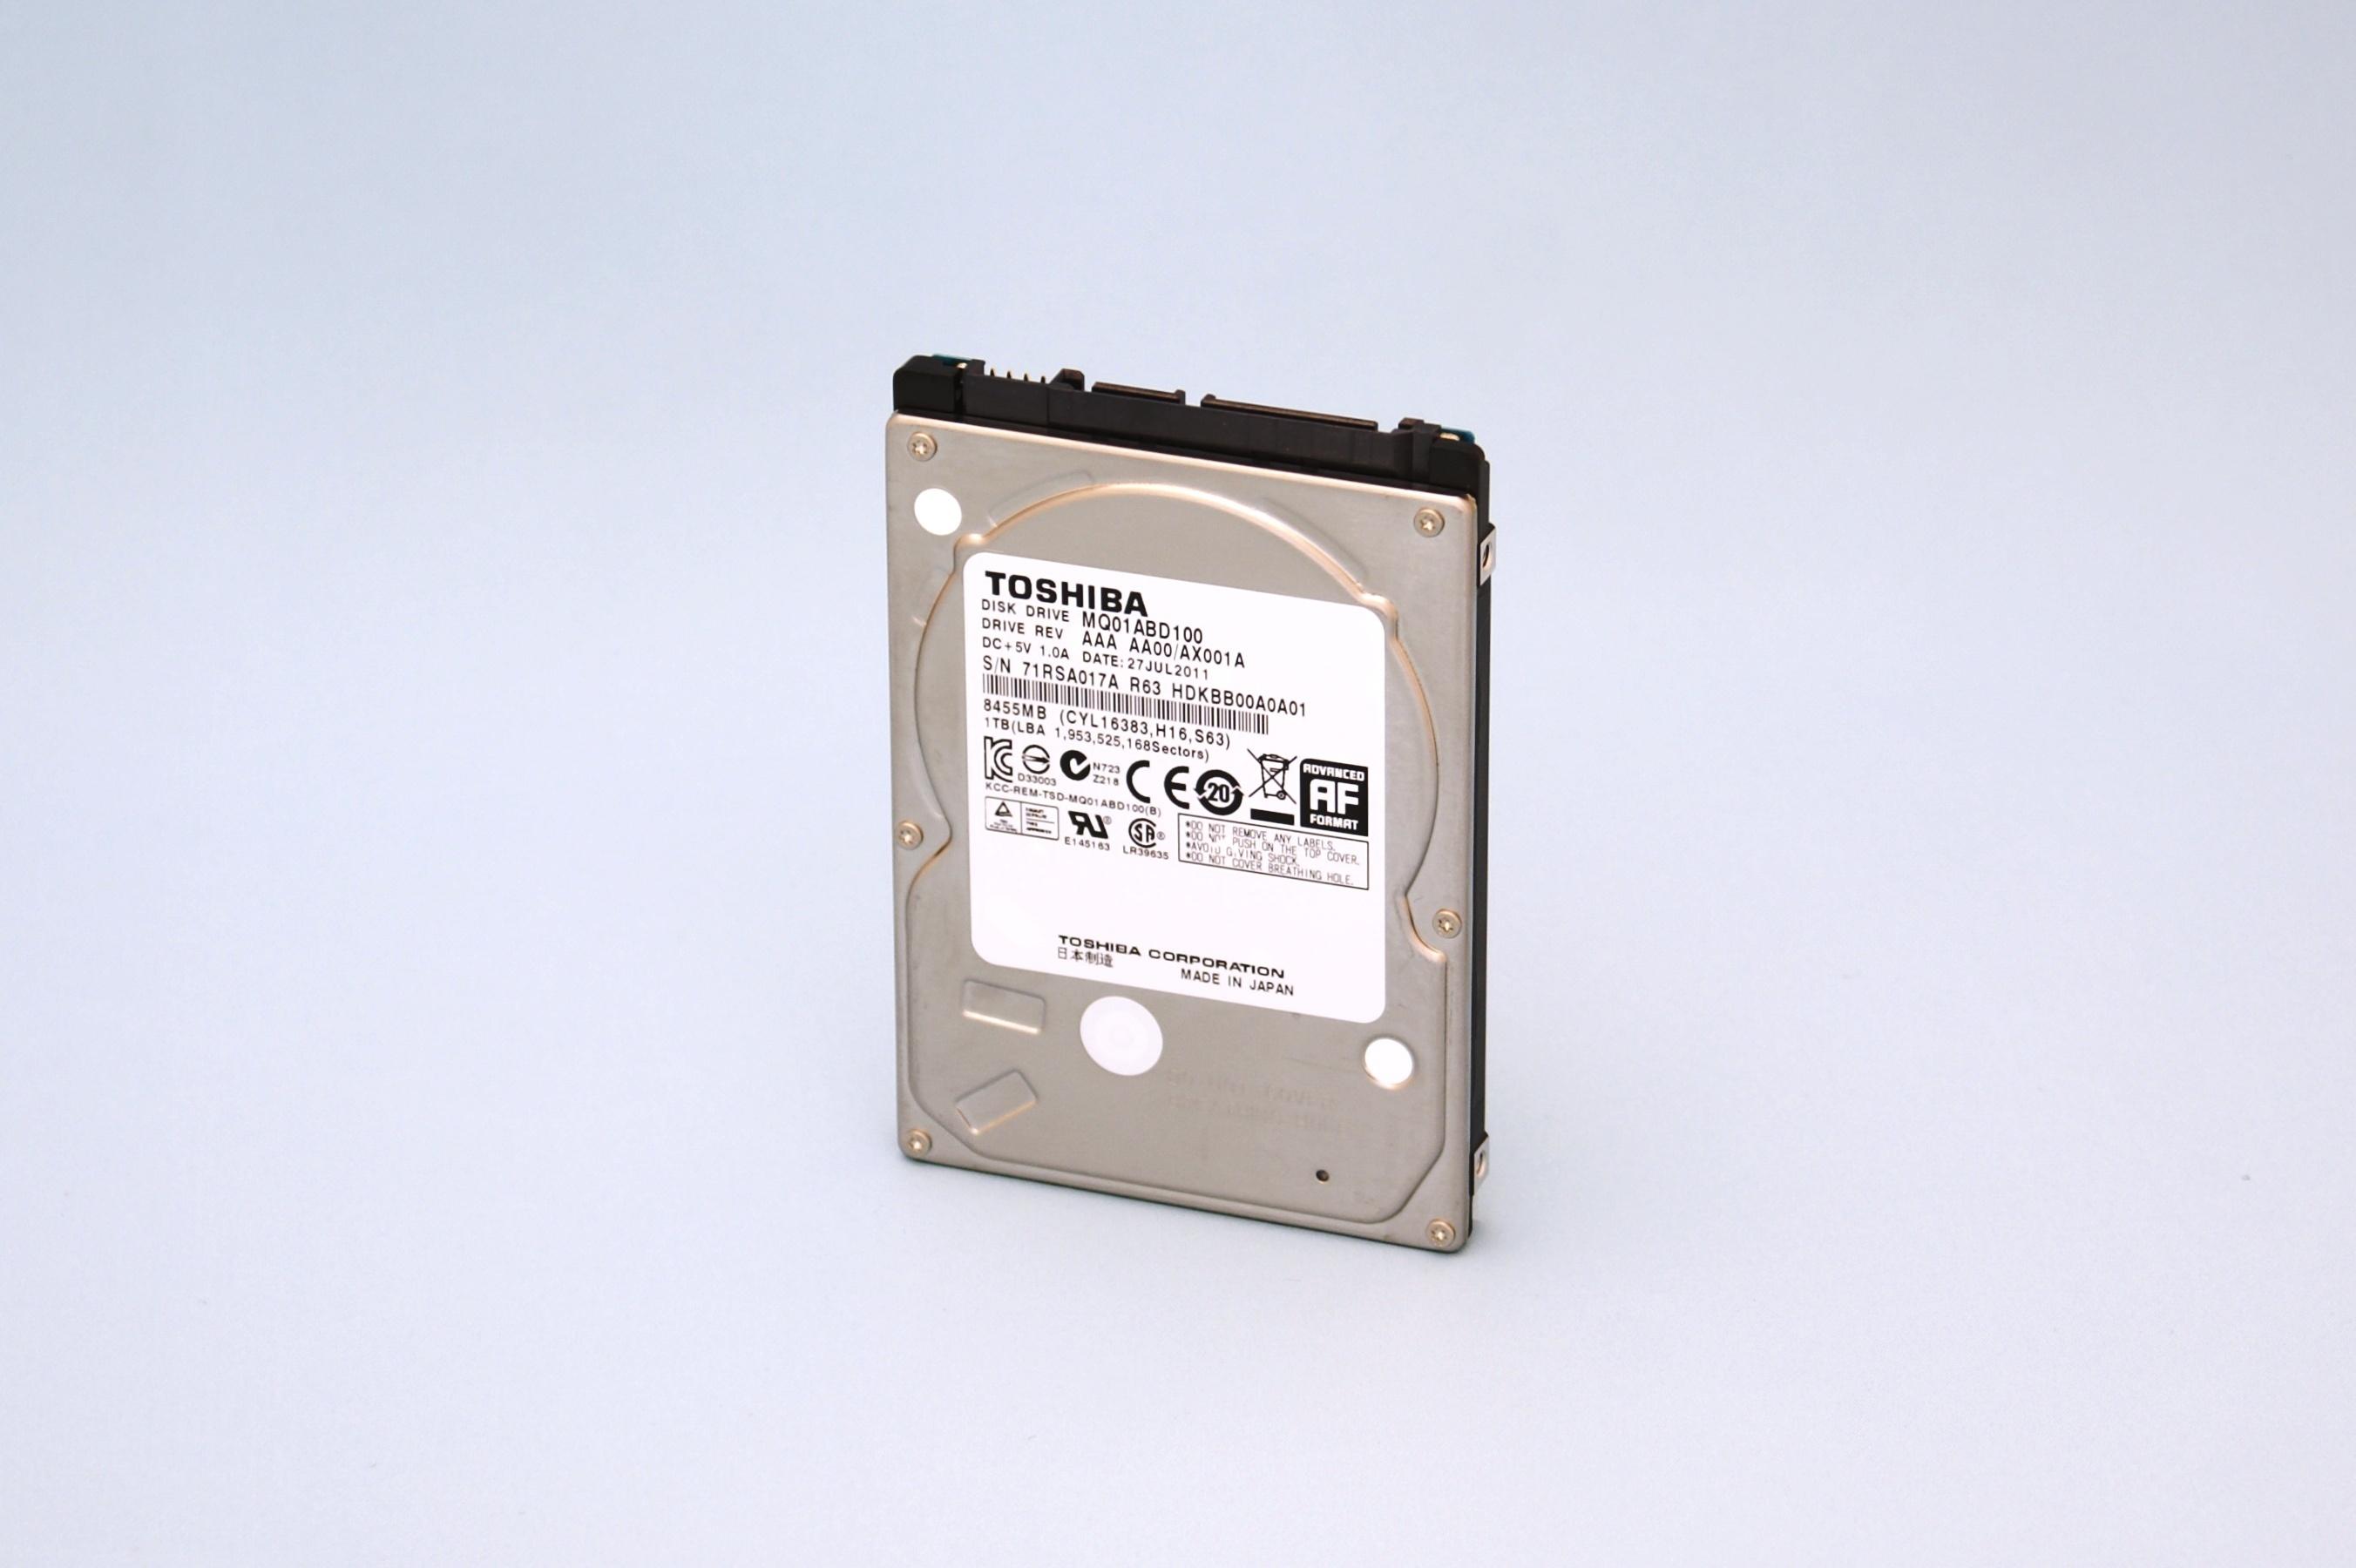 Toshiba je predstavila največji in najhitrejši disk v svojem segmentu.